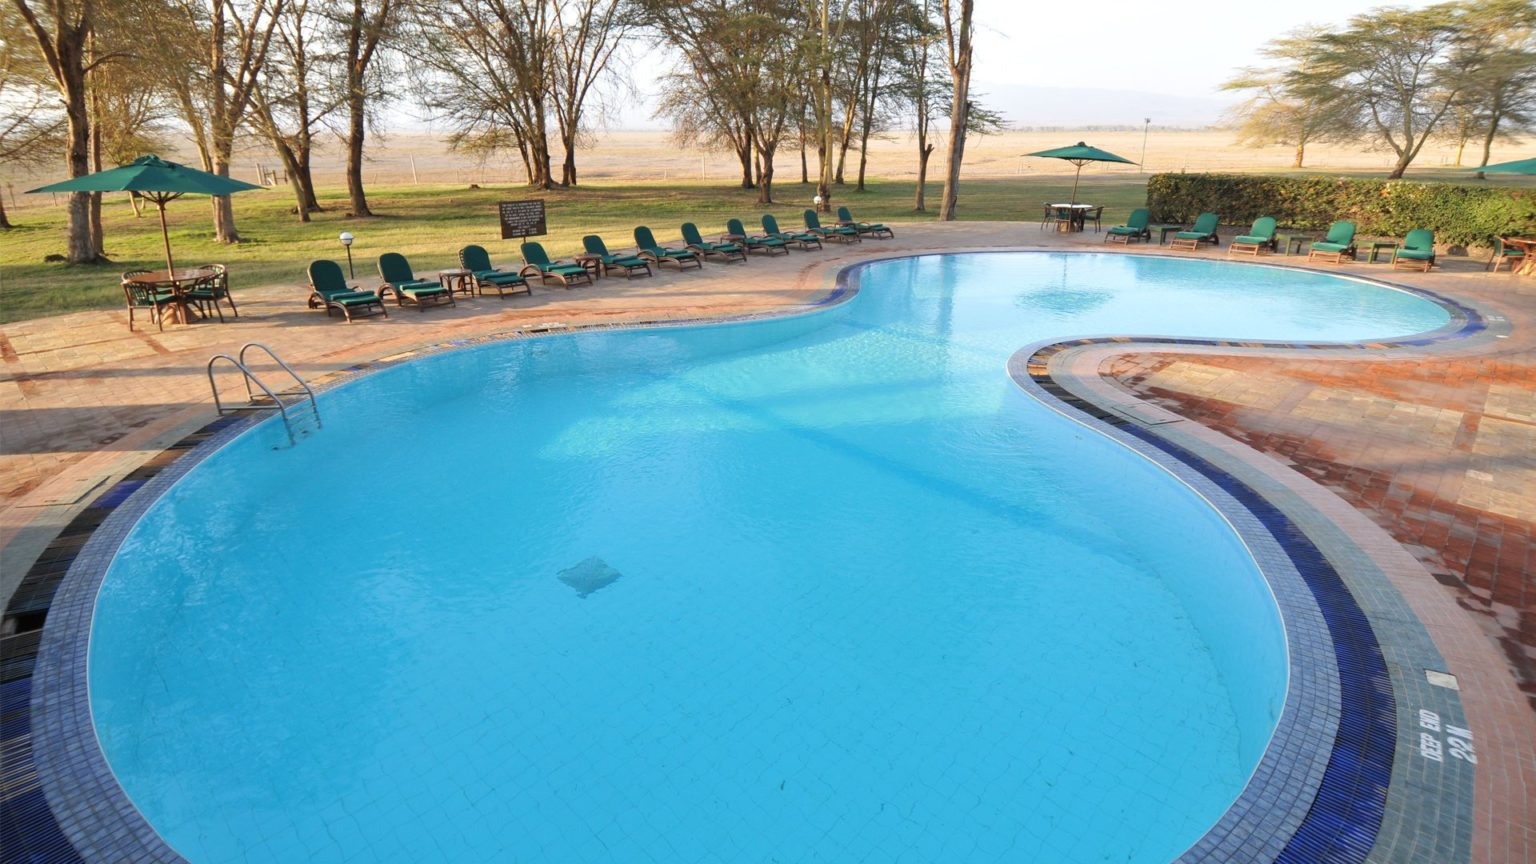 Ol-Tukai-Lodge. Kenya Safari Adventures